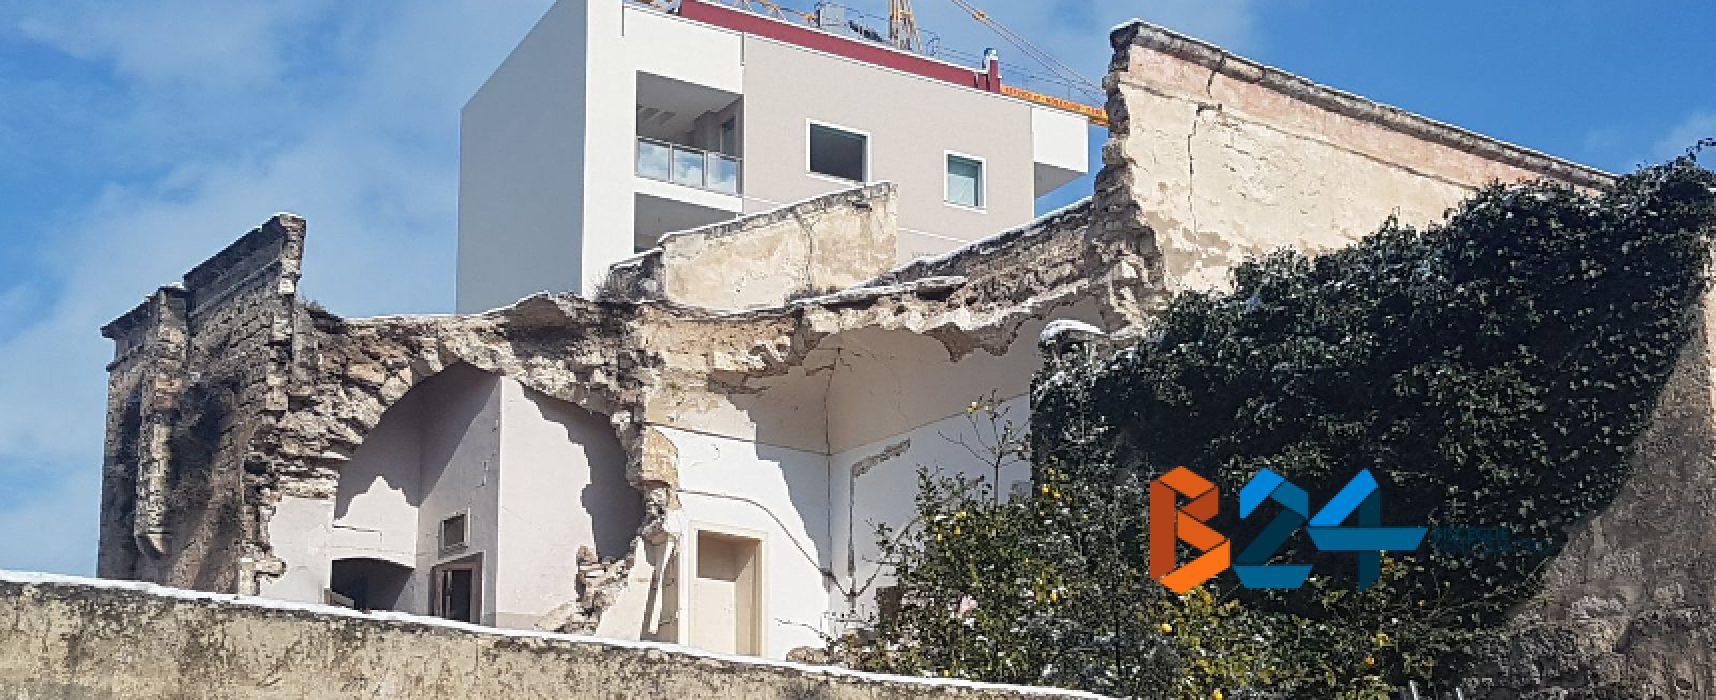 Crollo palazzina, il comune ordina ai proprietari la messa in sicurezza